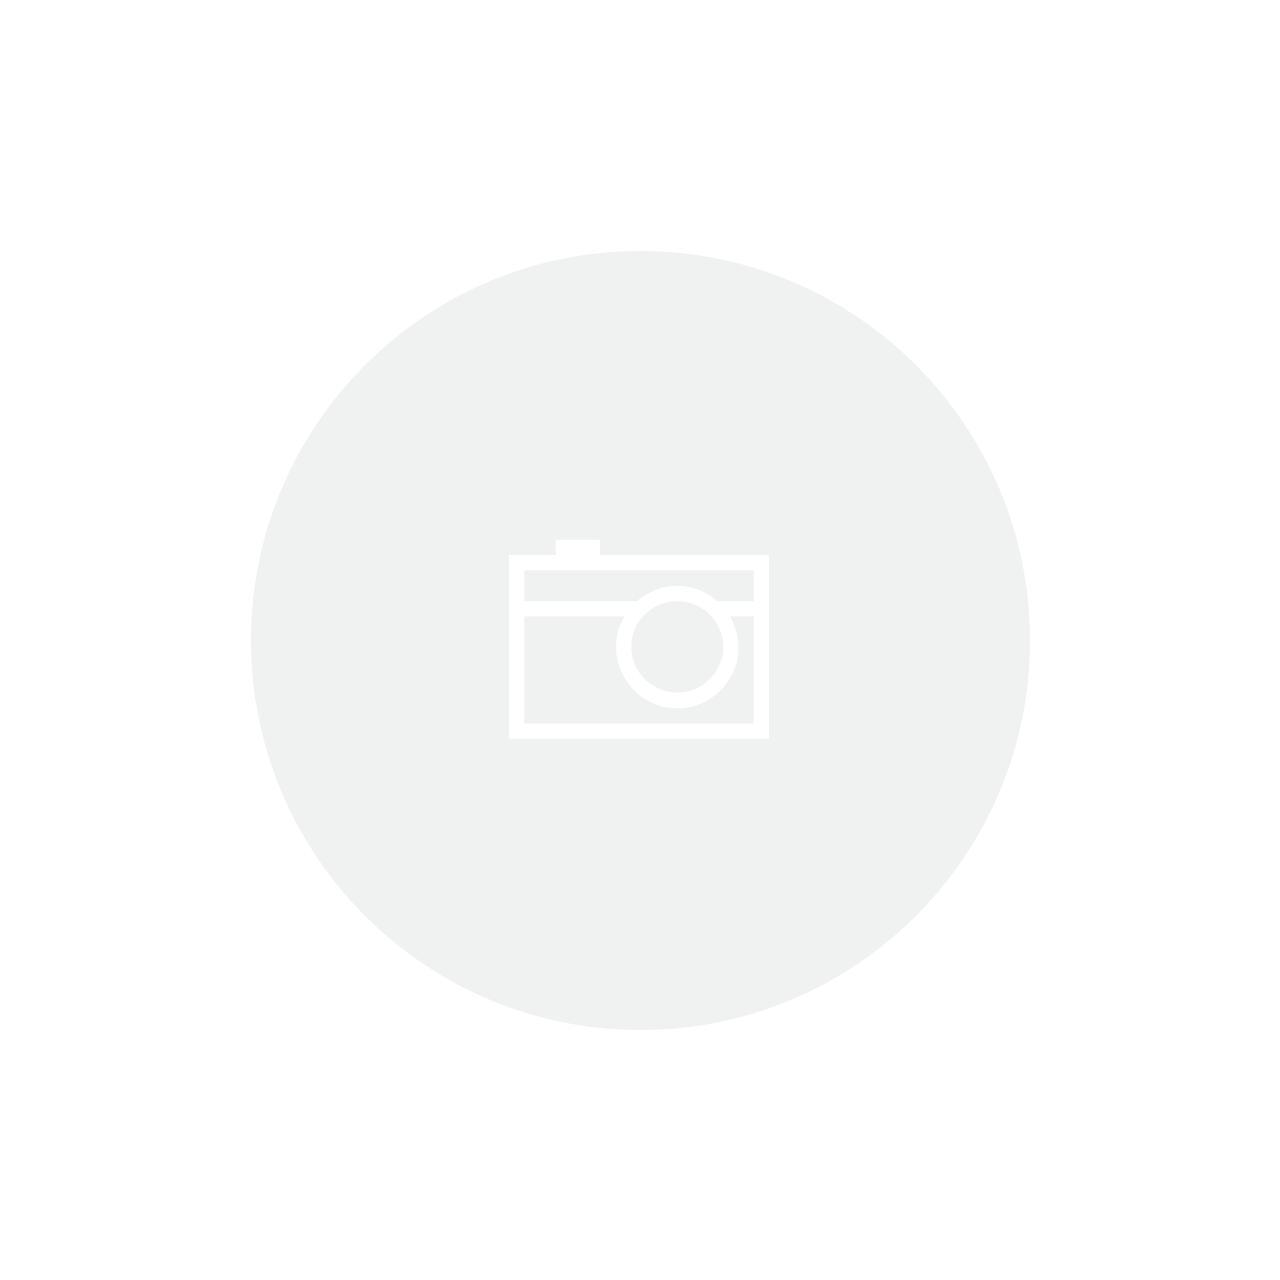 b94770a2a Lojas de Artigos Esportivos Online | Gamaia Esportes